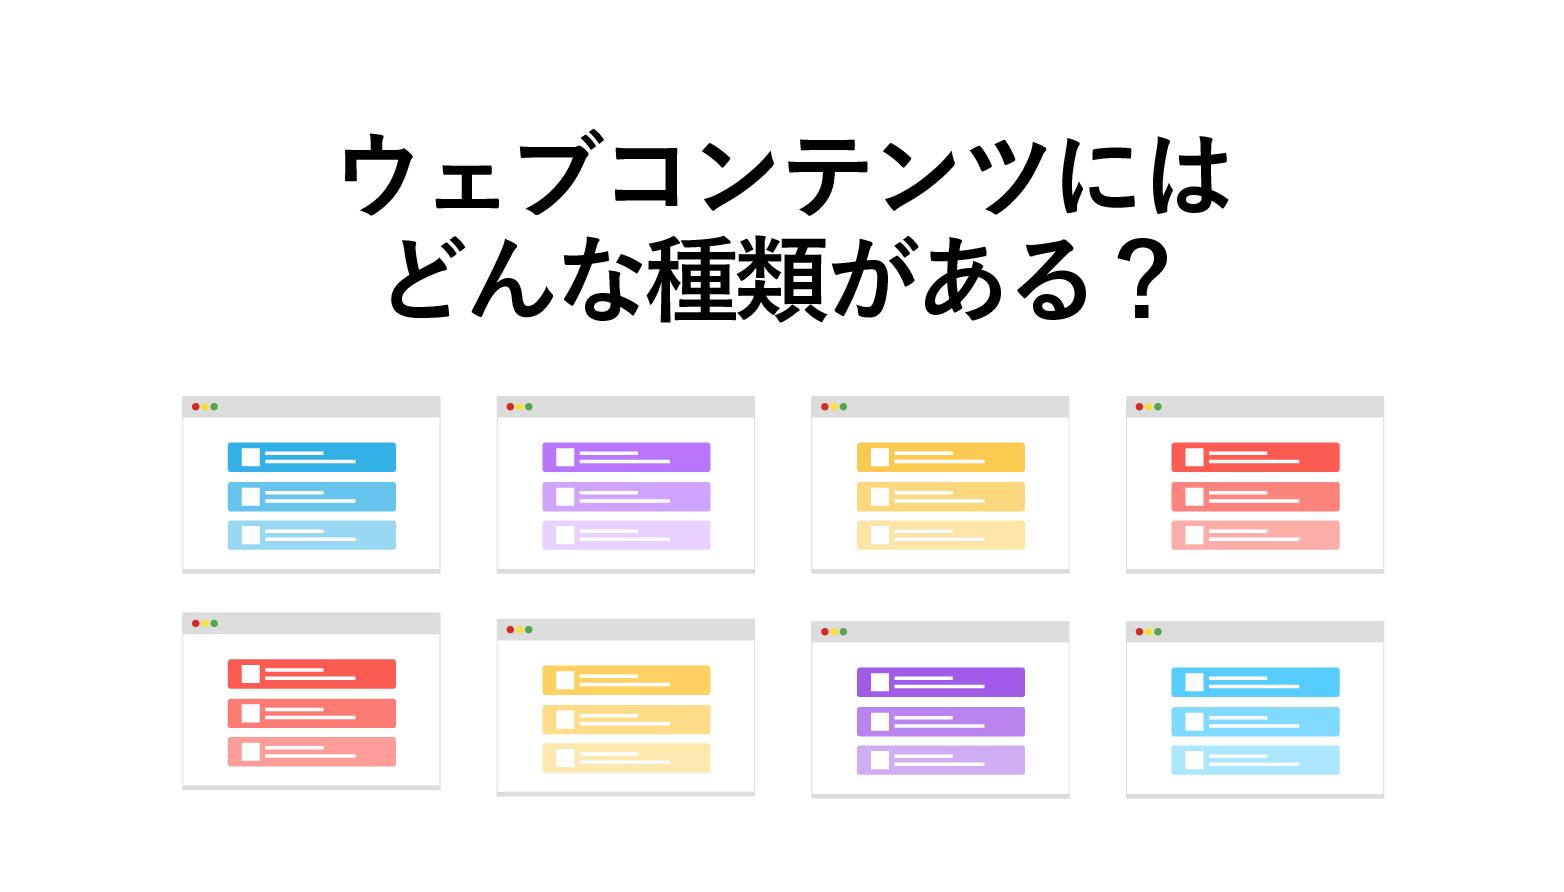 ウェブコンテンツの種類を紹介!9つの種類と6つの制作パターンとは